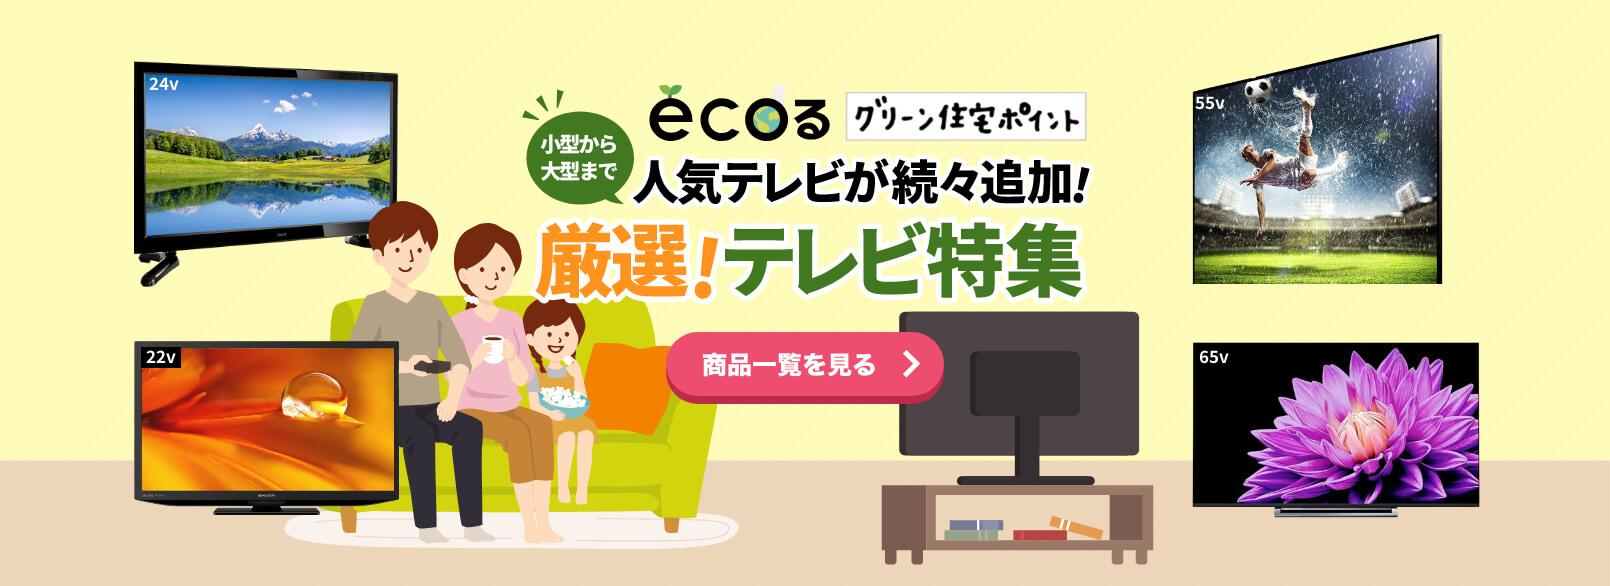 グリーン住宅ポイント交換ポータル テレビ特集ページ